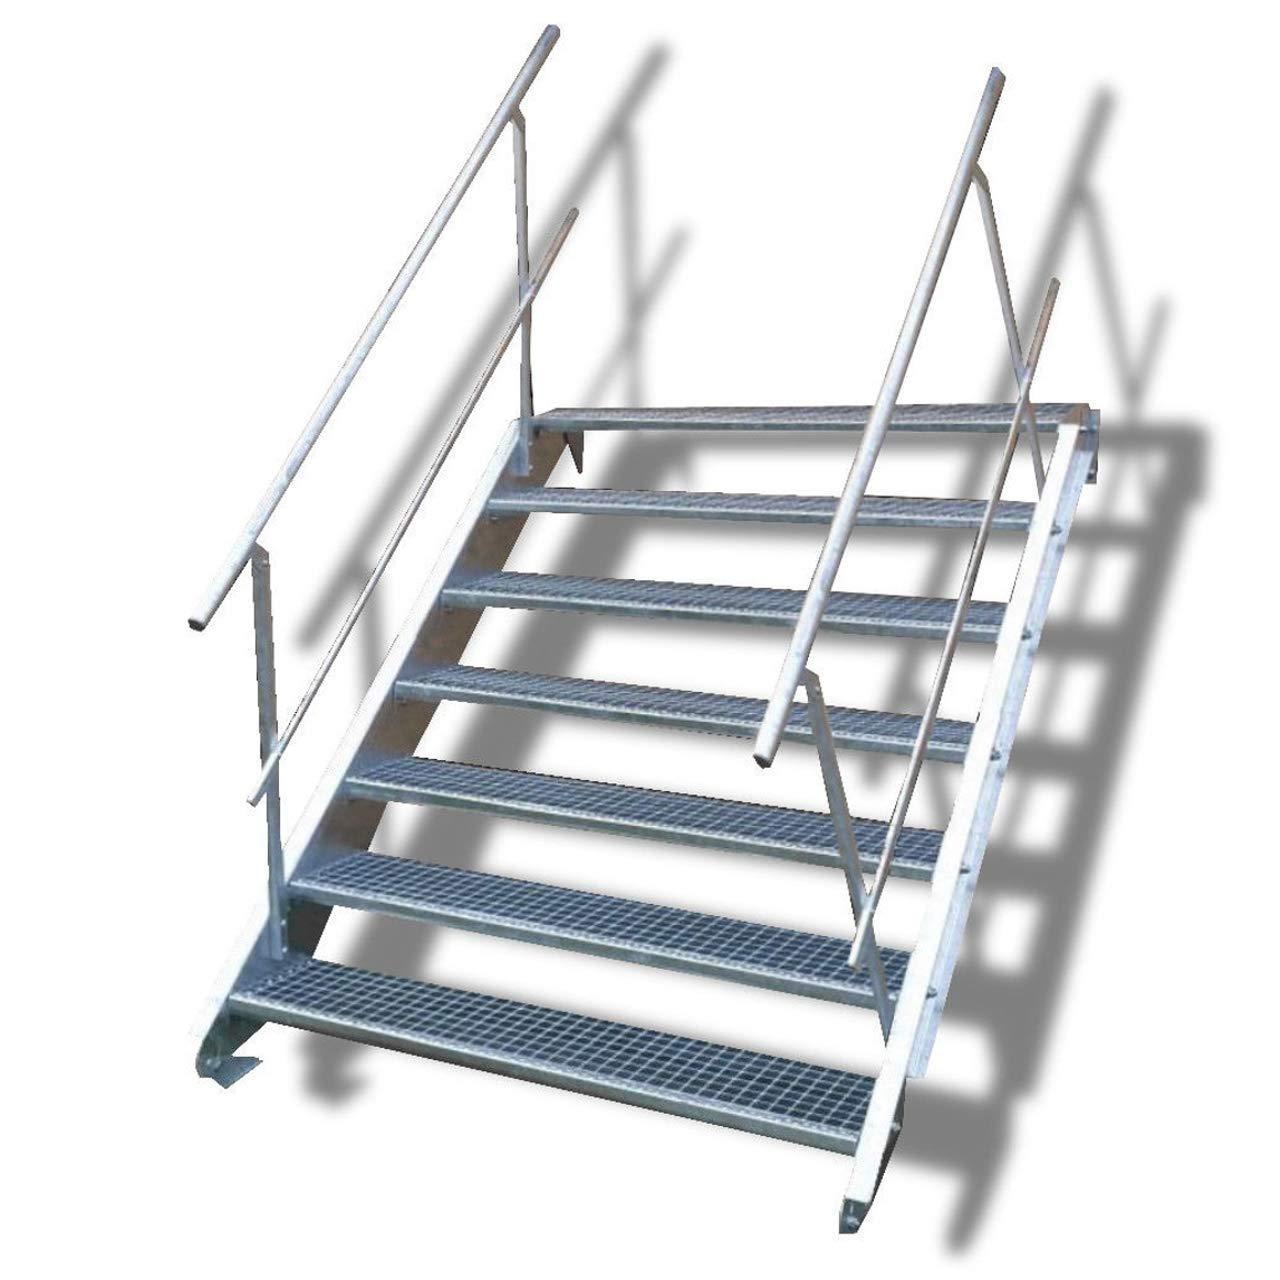 Escalera de acero de 7 peldaños con barandilla a ambos lados, altura de planta 100 – 140 cm (ancho de peldaños 110 cm).: Amazon.es: Bricolaje y herramientas